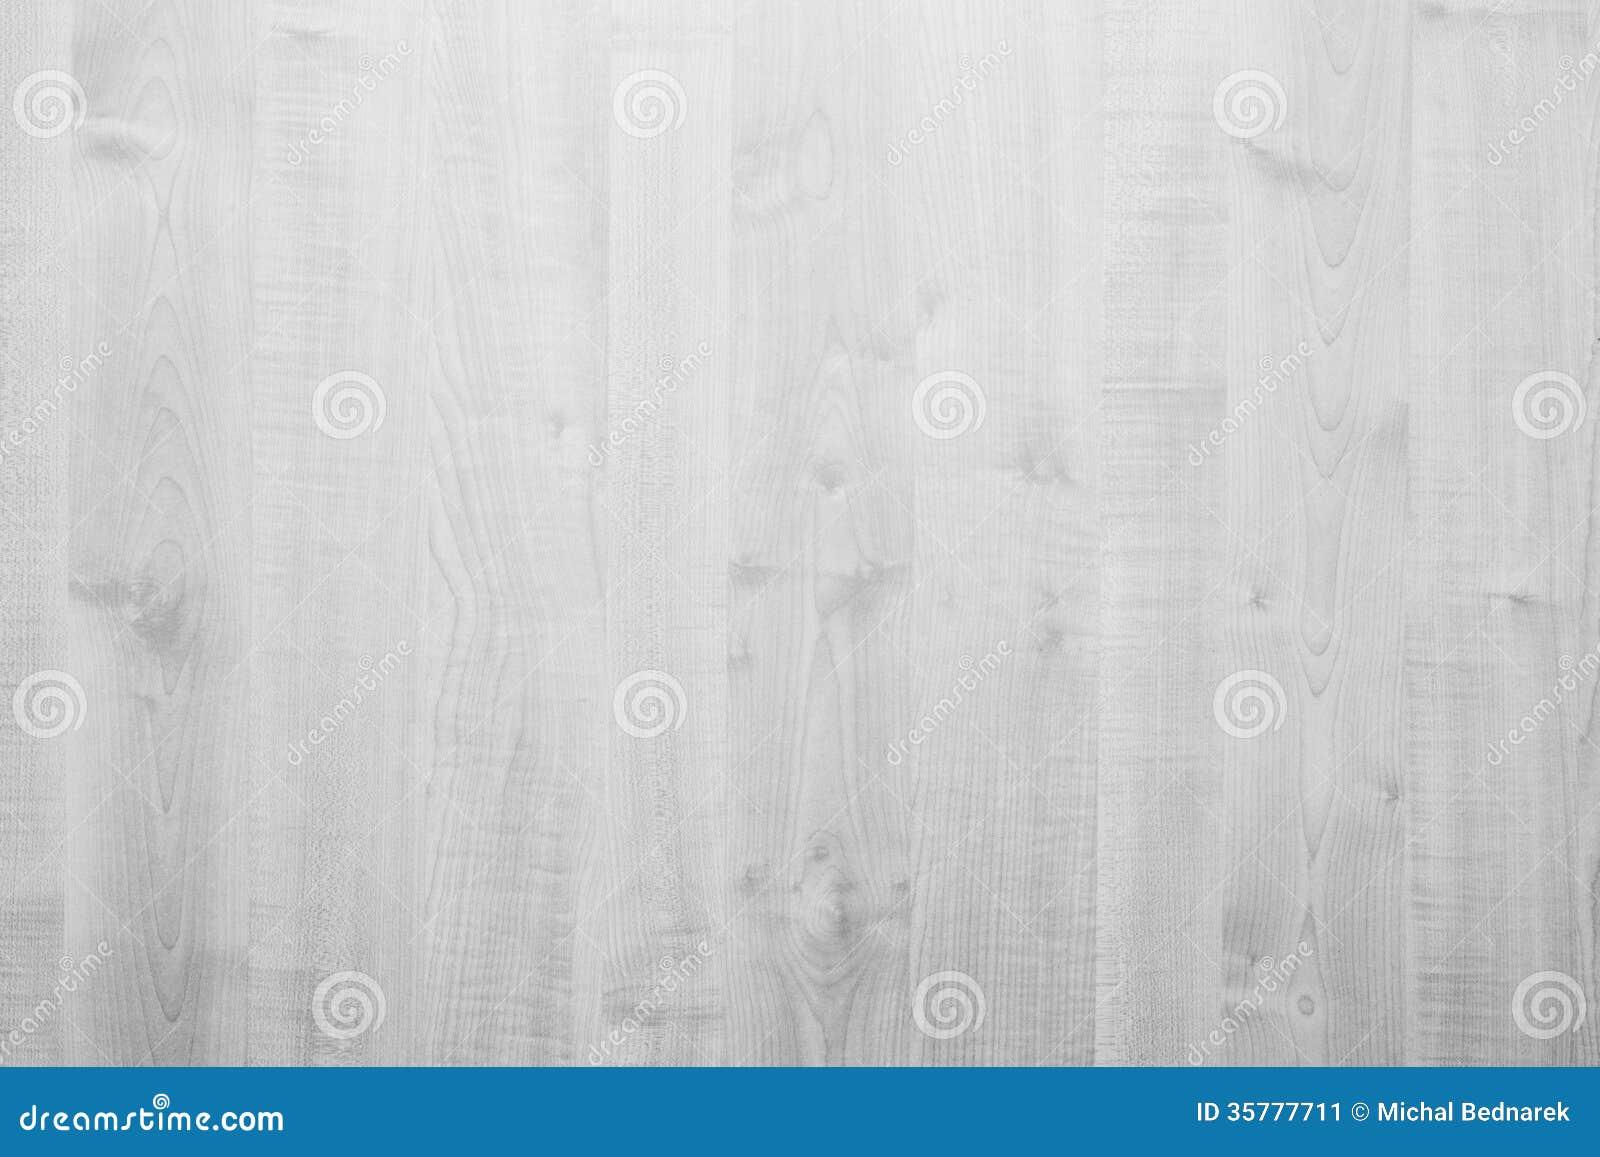 White Rustic Wood Background Stock Image Image 35777711